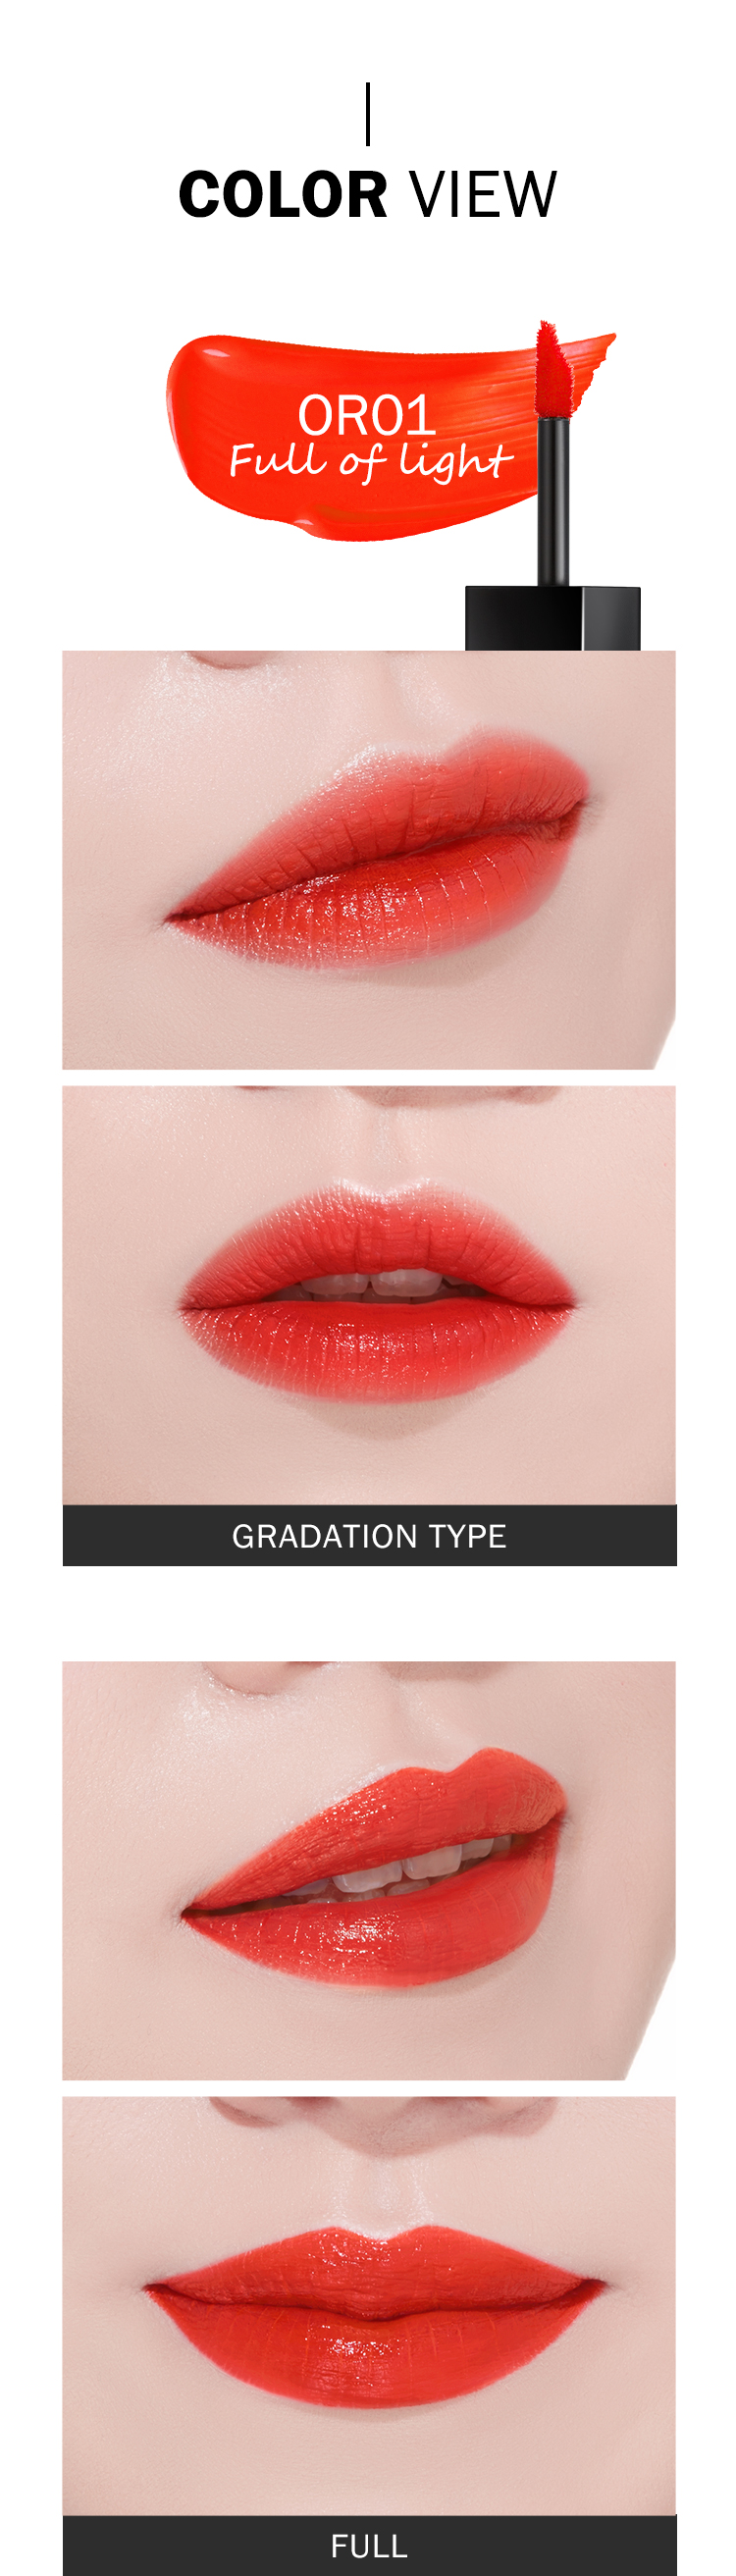 APIEU_Color_Lip_Stain_Gel_Tint_OR01_02.jpg